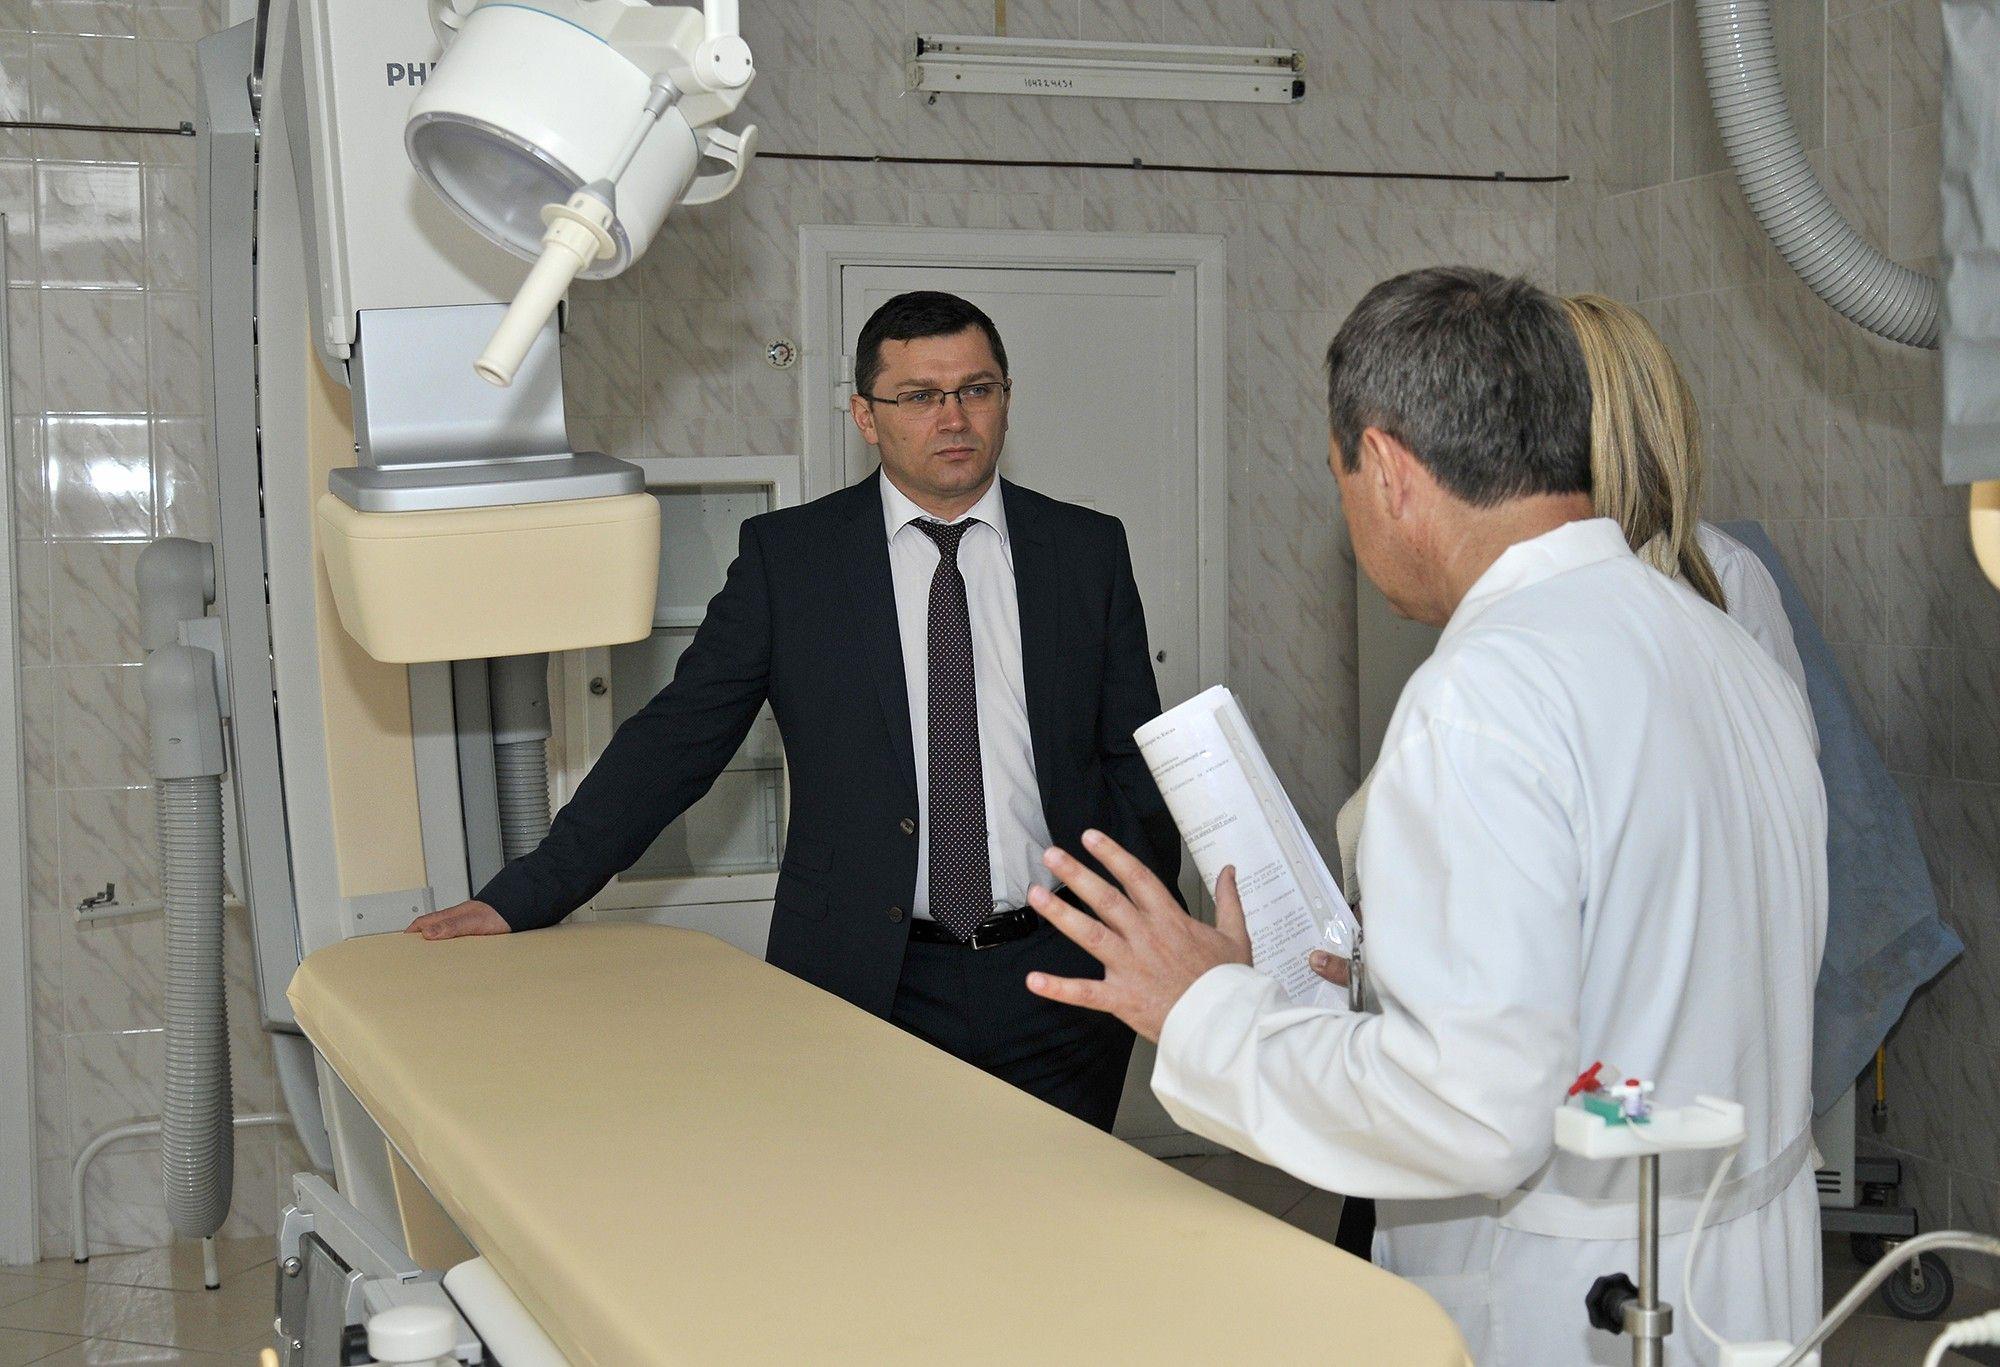 Дркб офтальмологическое отделение врачи